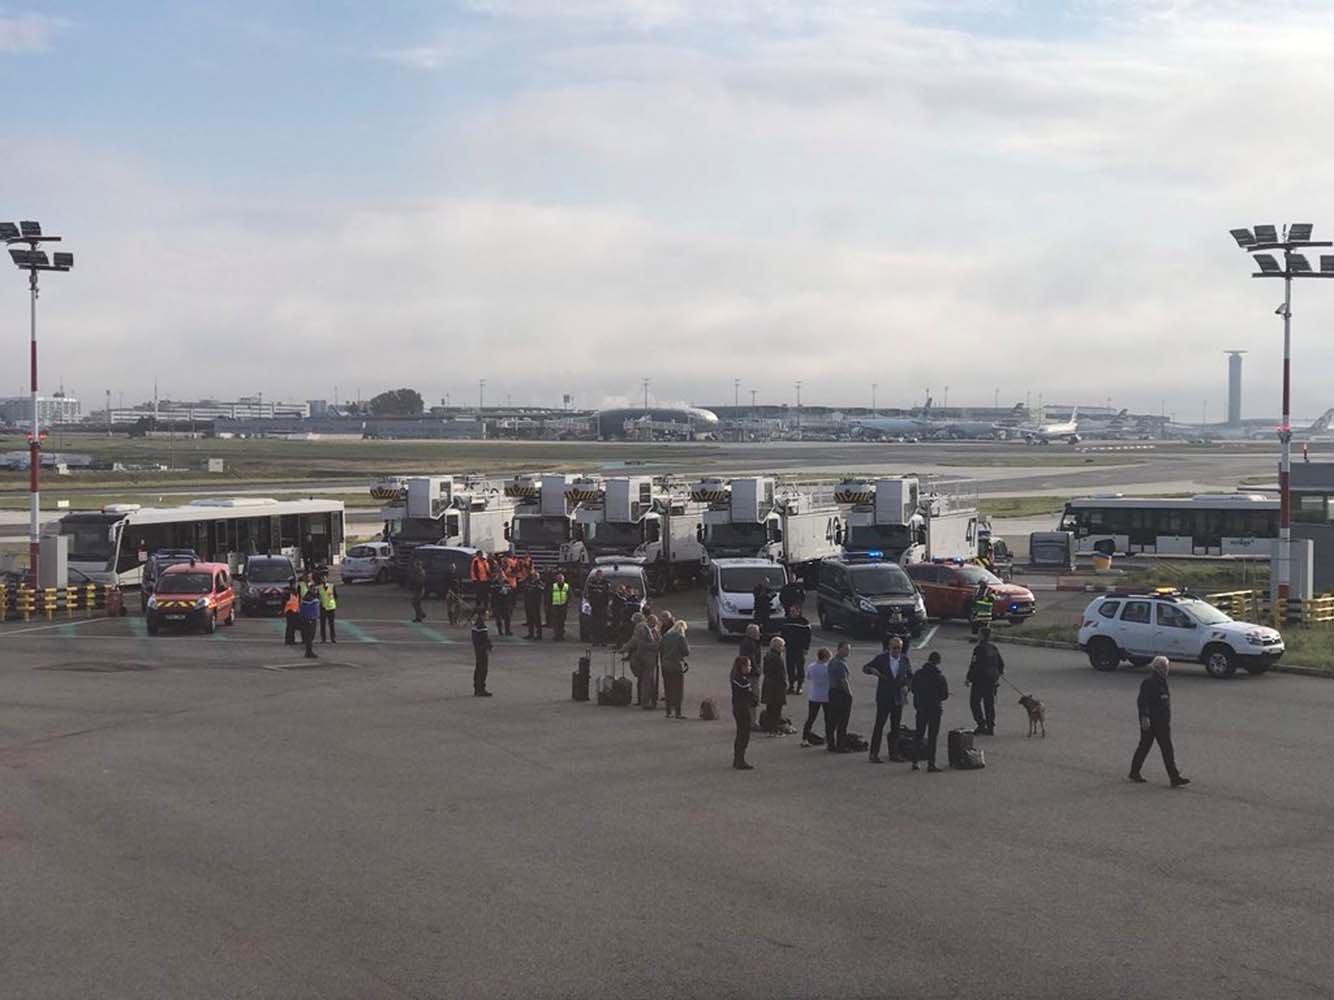 Pánico en París: Evacuaron avión de British Airways con destino a Londres por amenaza de bomba